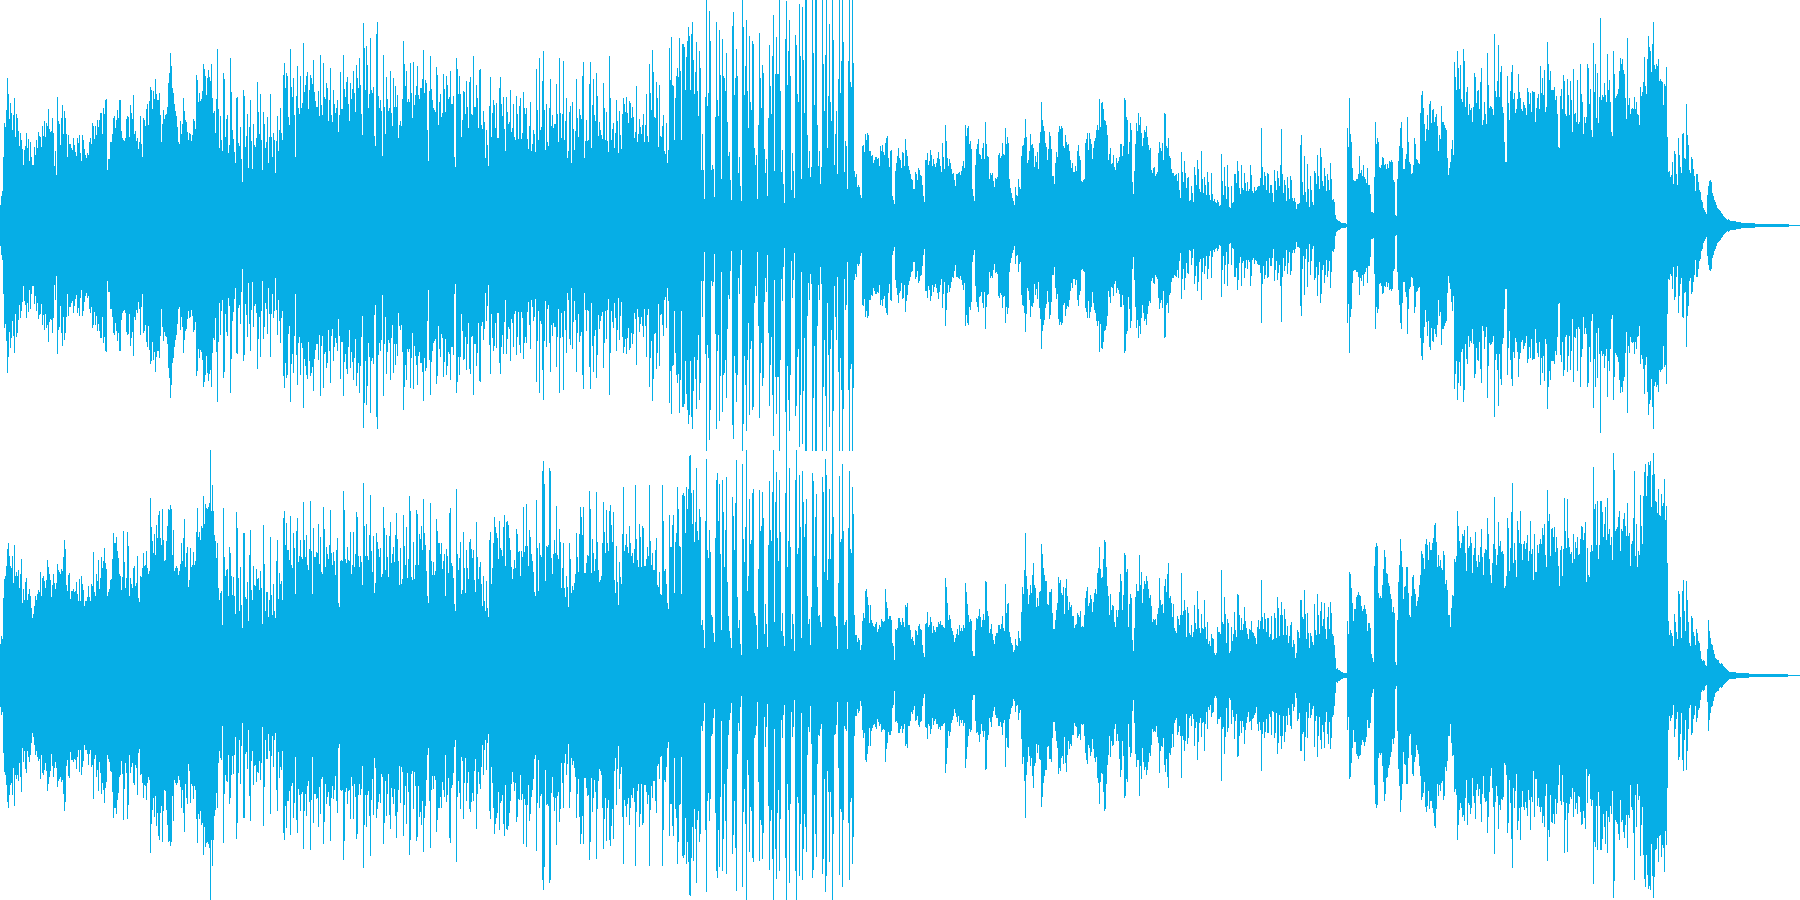 枯れ葉が舞い散るイメージ Dの再生済みの波形